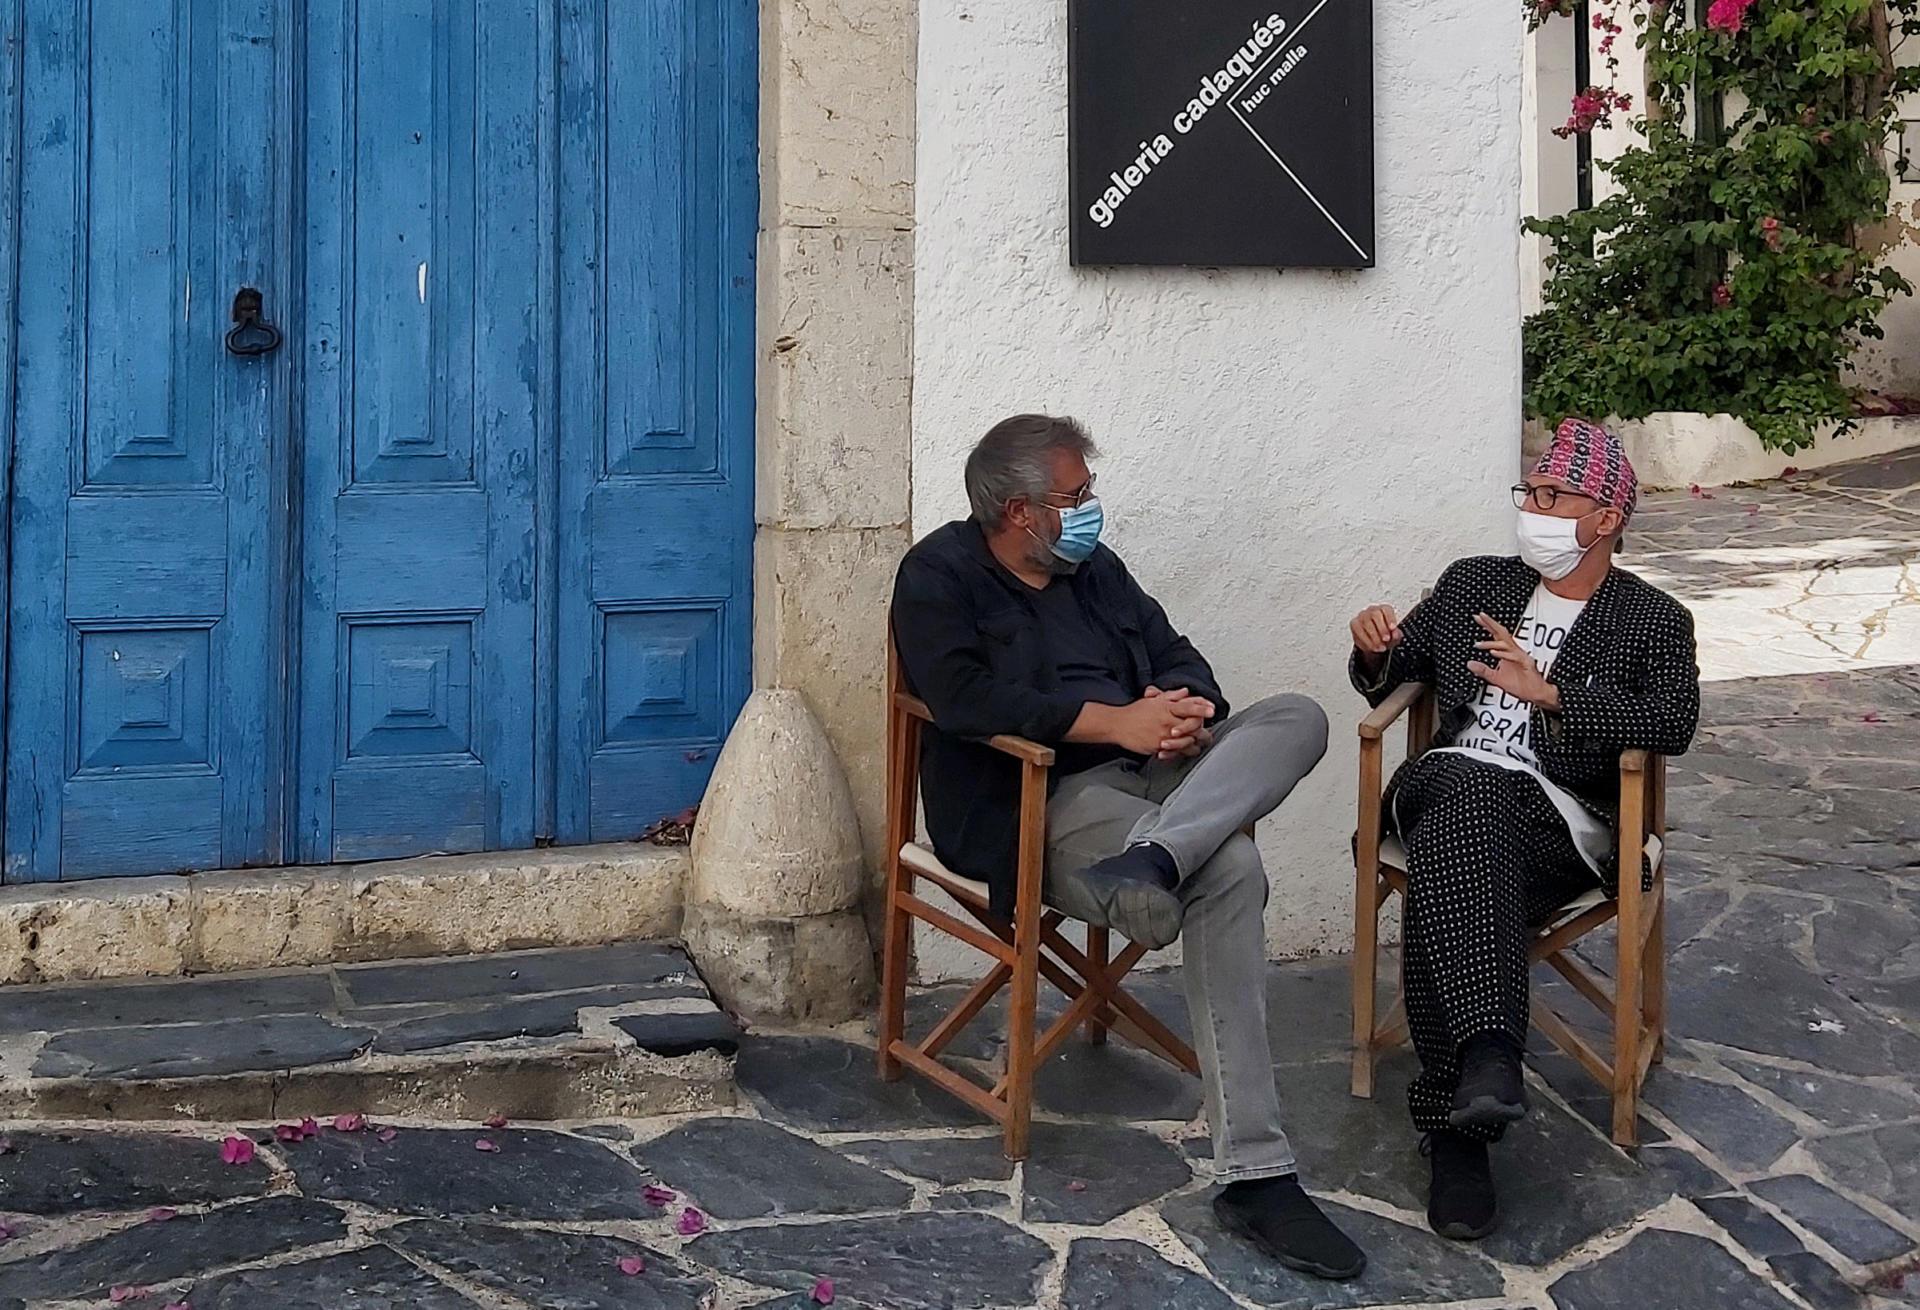 Huc Malla i Vicenç Altaió conversant amb màscara, a causa de la pandèmia, davant de la mítica galeria Cadaqués